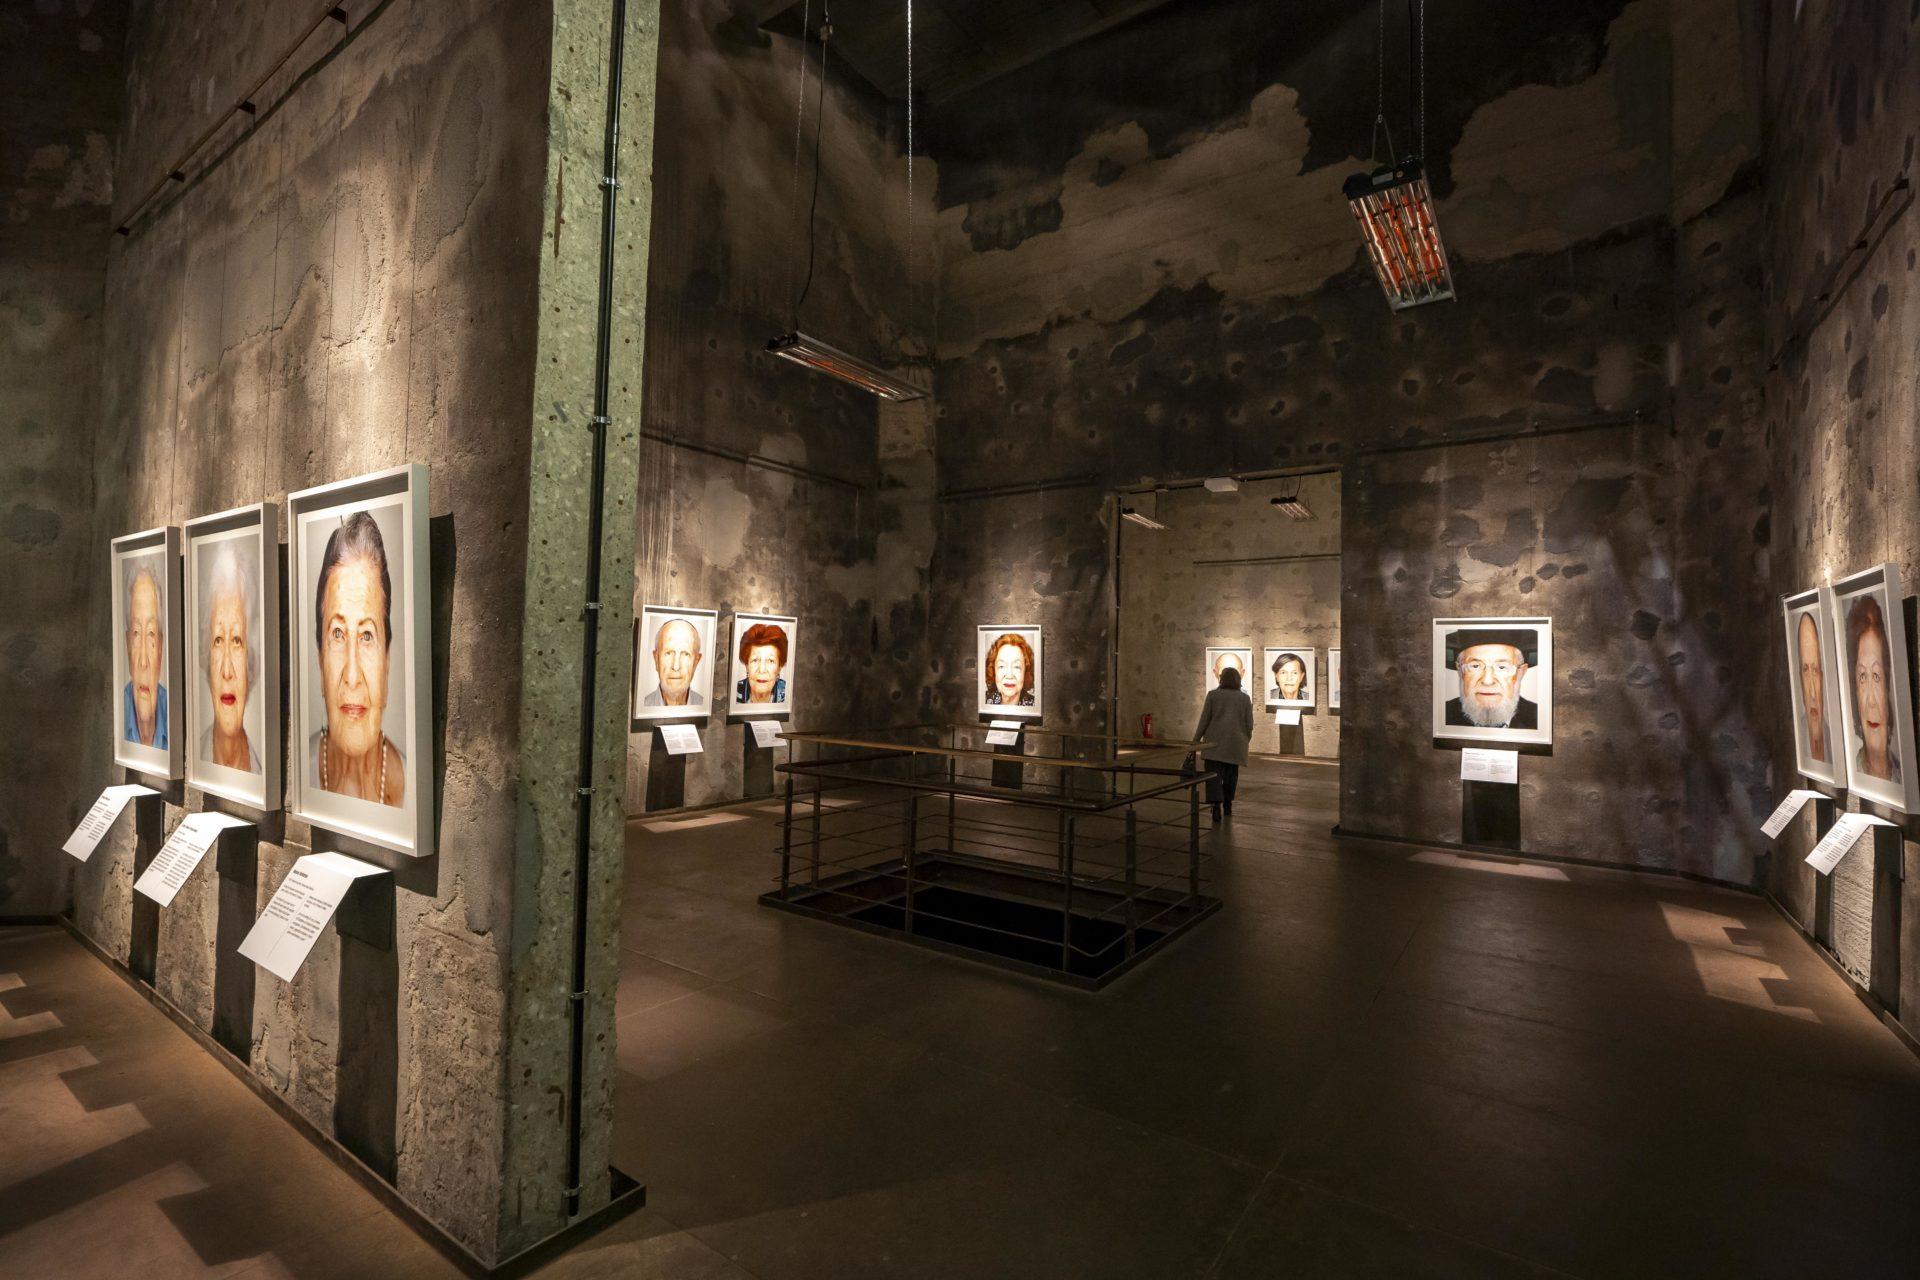 """Ausstellung """"Survivors"""" in der Mischanlage der Kokerei Zollverein. Foto, im Auftrag der Stiftung Zollverein, Jochen Tack."""